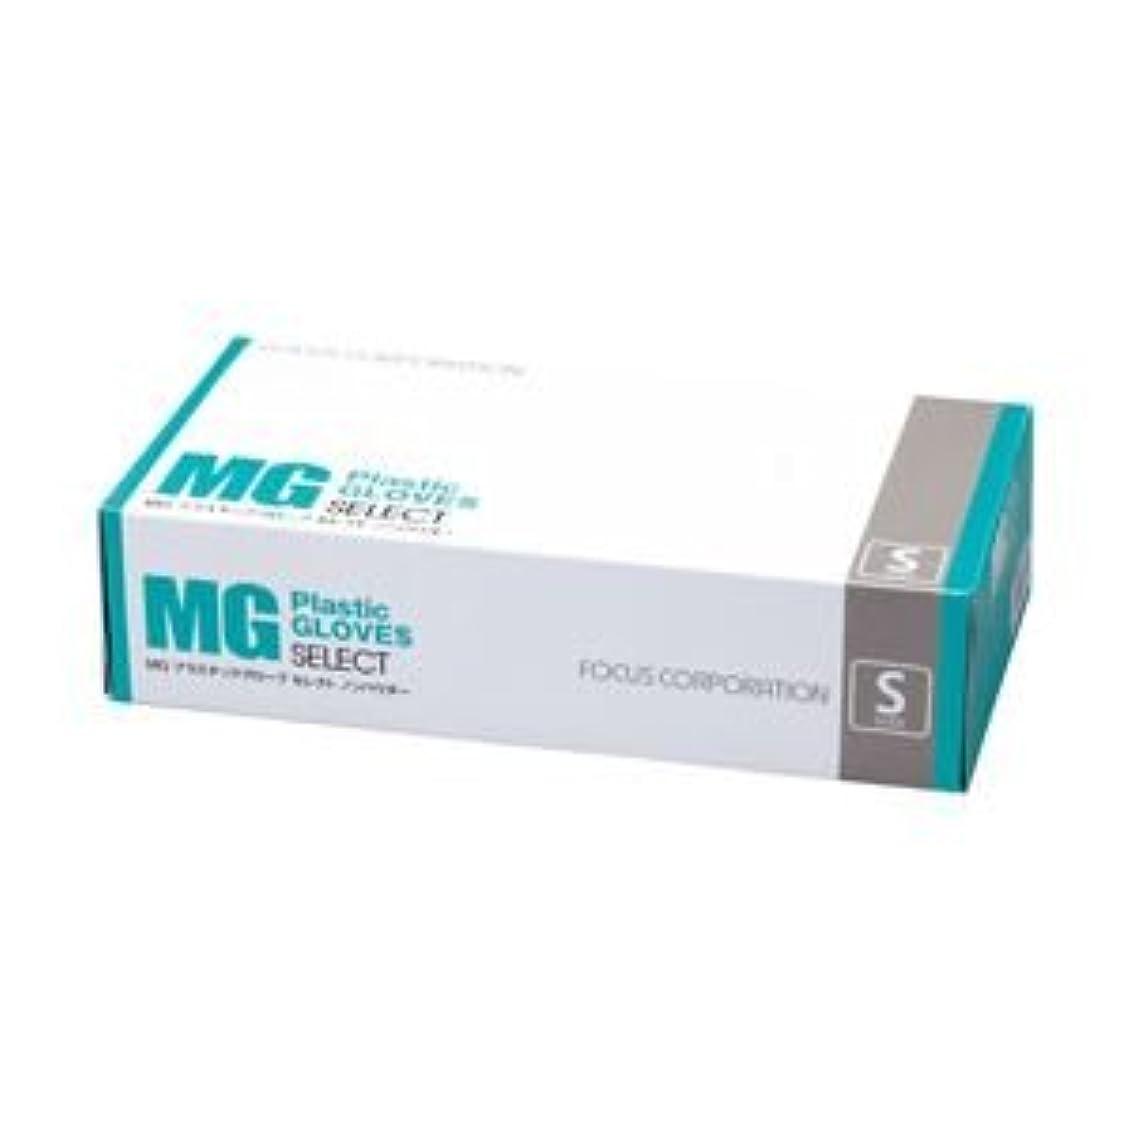 神秘考慮ヘリコプターフォーカス (業務用セット) MGプラスチックグローブSELECT 粉なし 半透明 1箱(100枚) Sサイズ (×10セット)